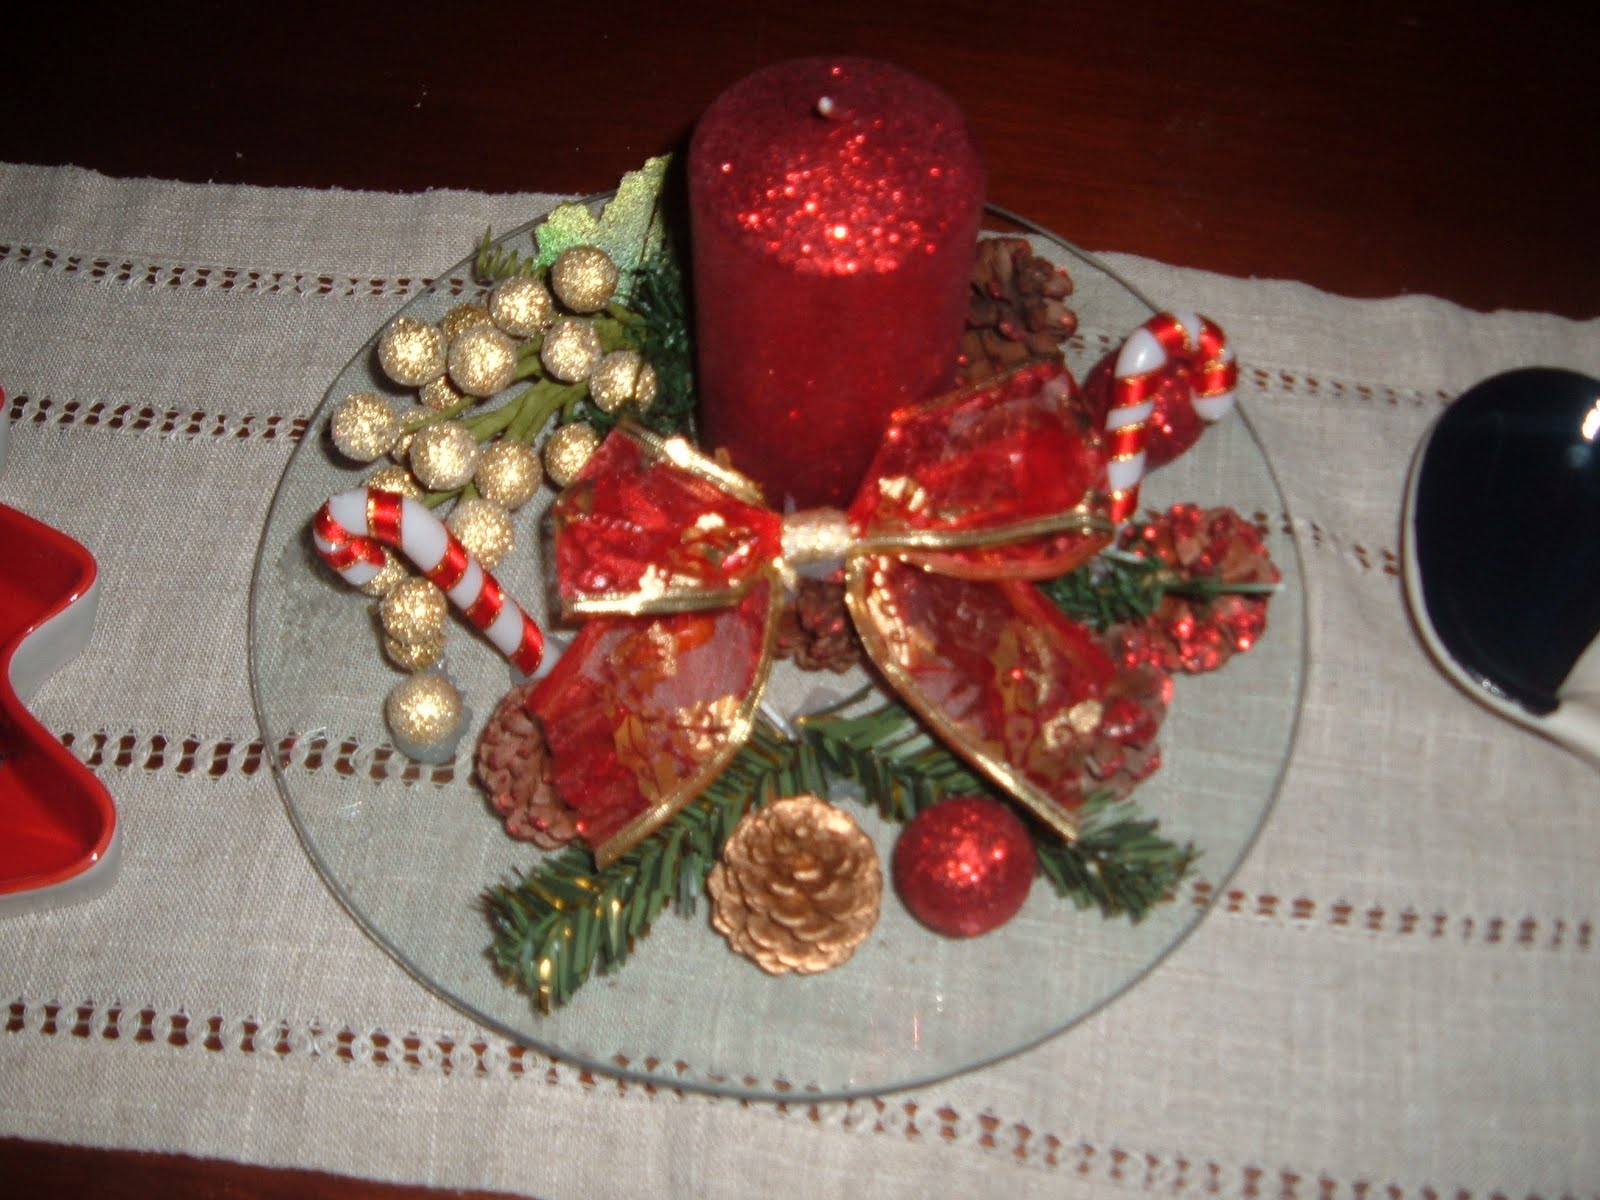 lo que hoy os traigo son unas cositas que he echo para decorar mi casa esta navidad nada tiene que ver con la costura esta vez deje la aguja a un ladito